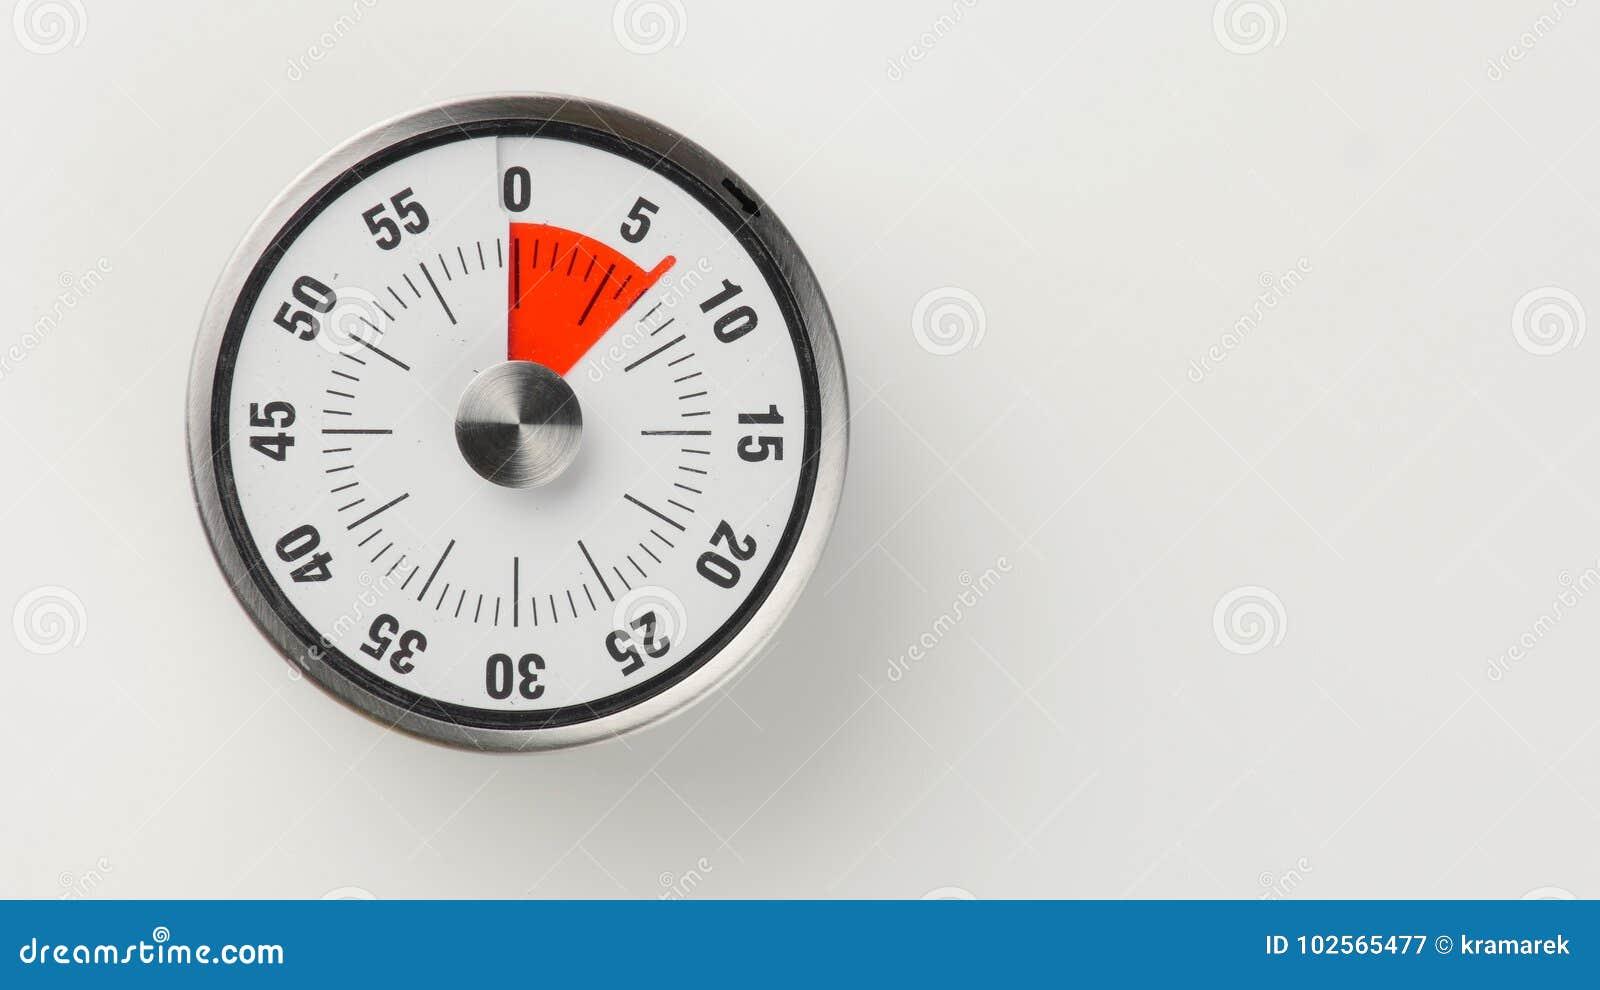 40 minute timer - Monza berglauf-verband com